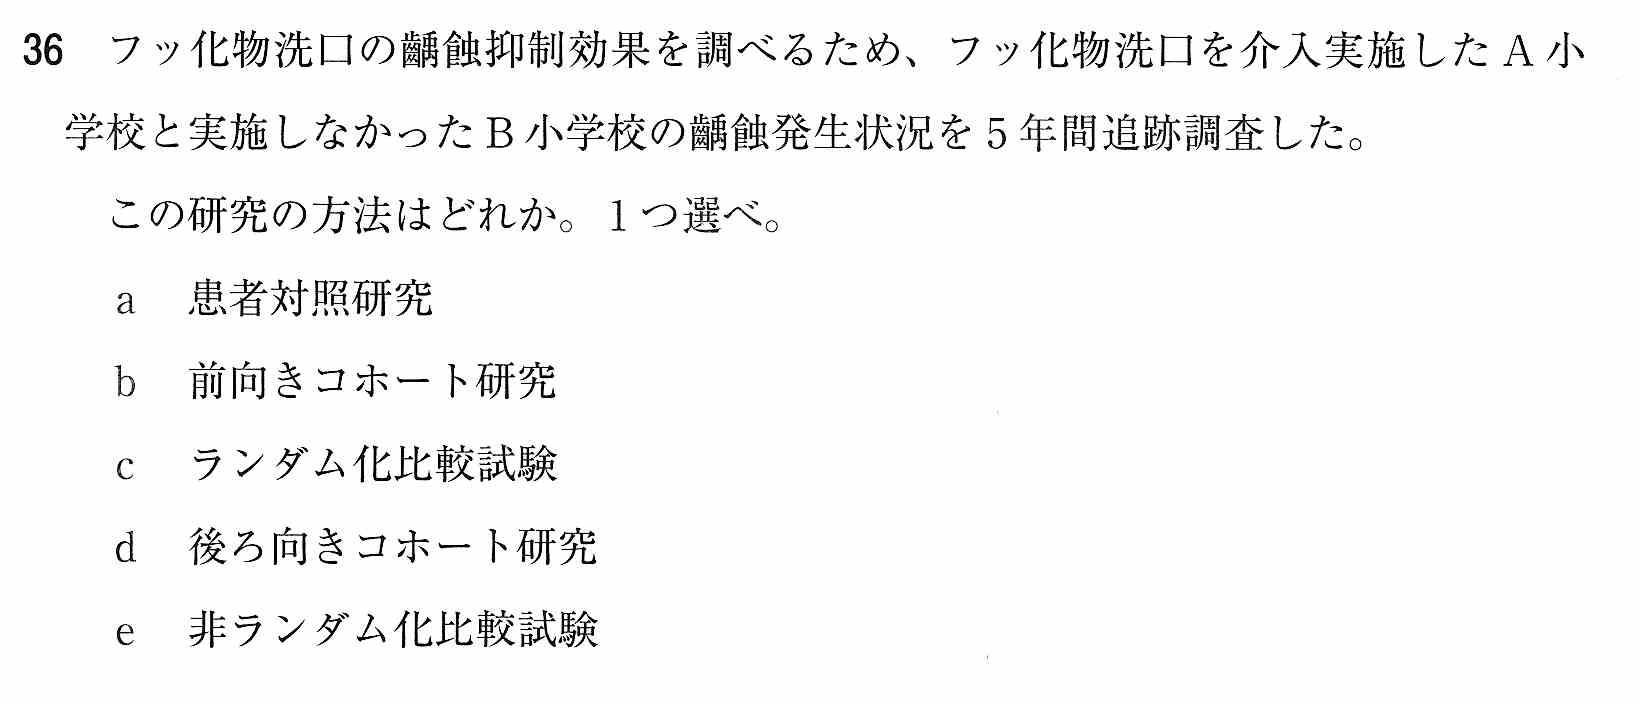 111d36 研究方法